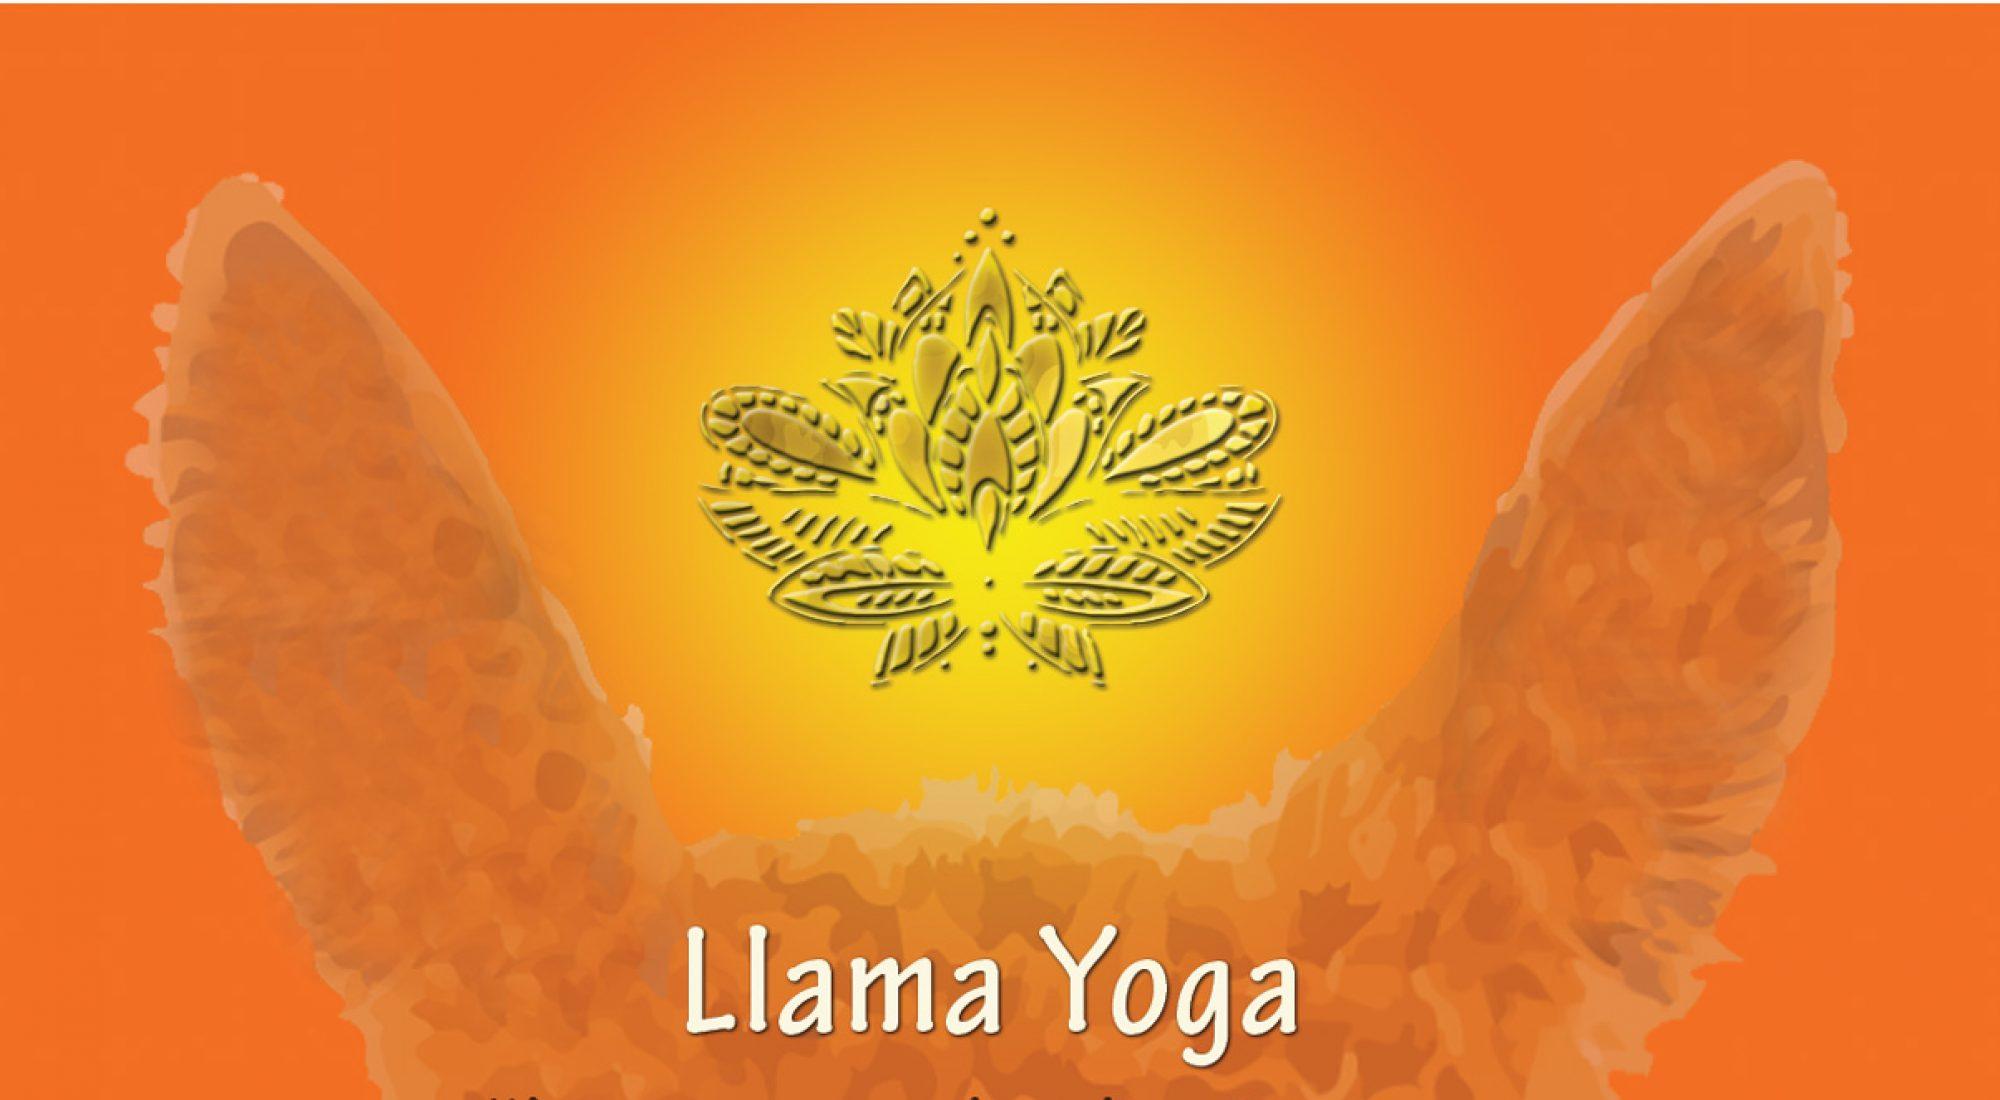 Llama Yoga